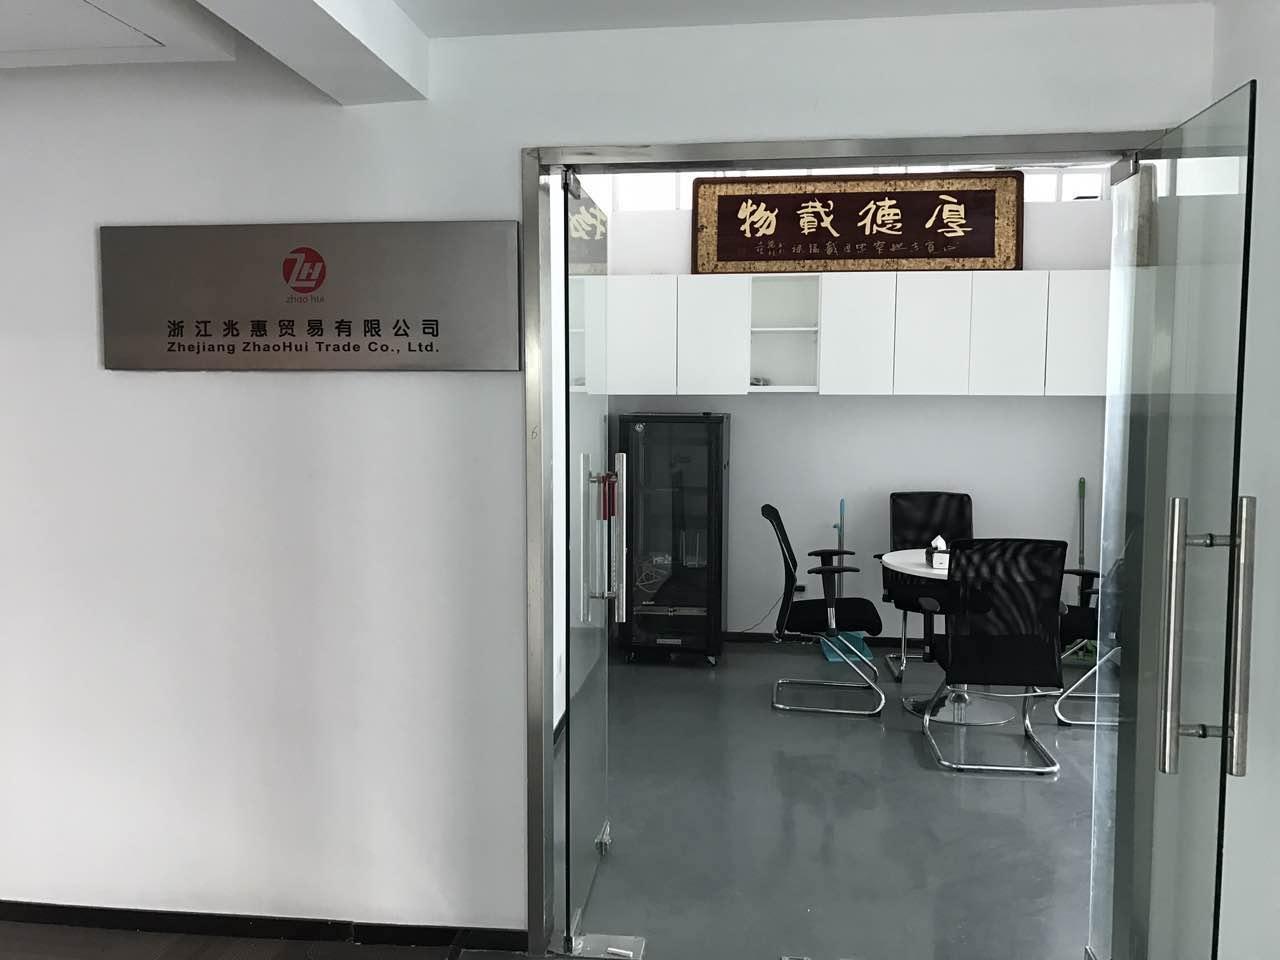 浙江兆惠贸易有限公司